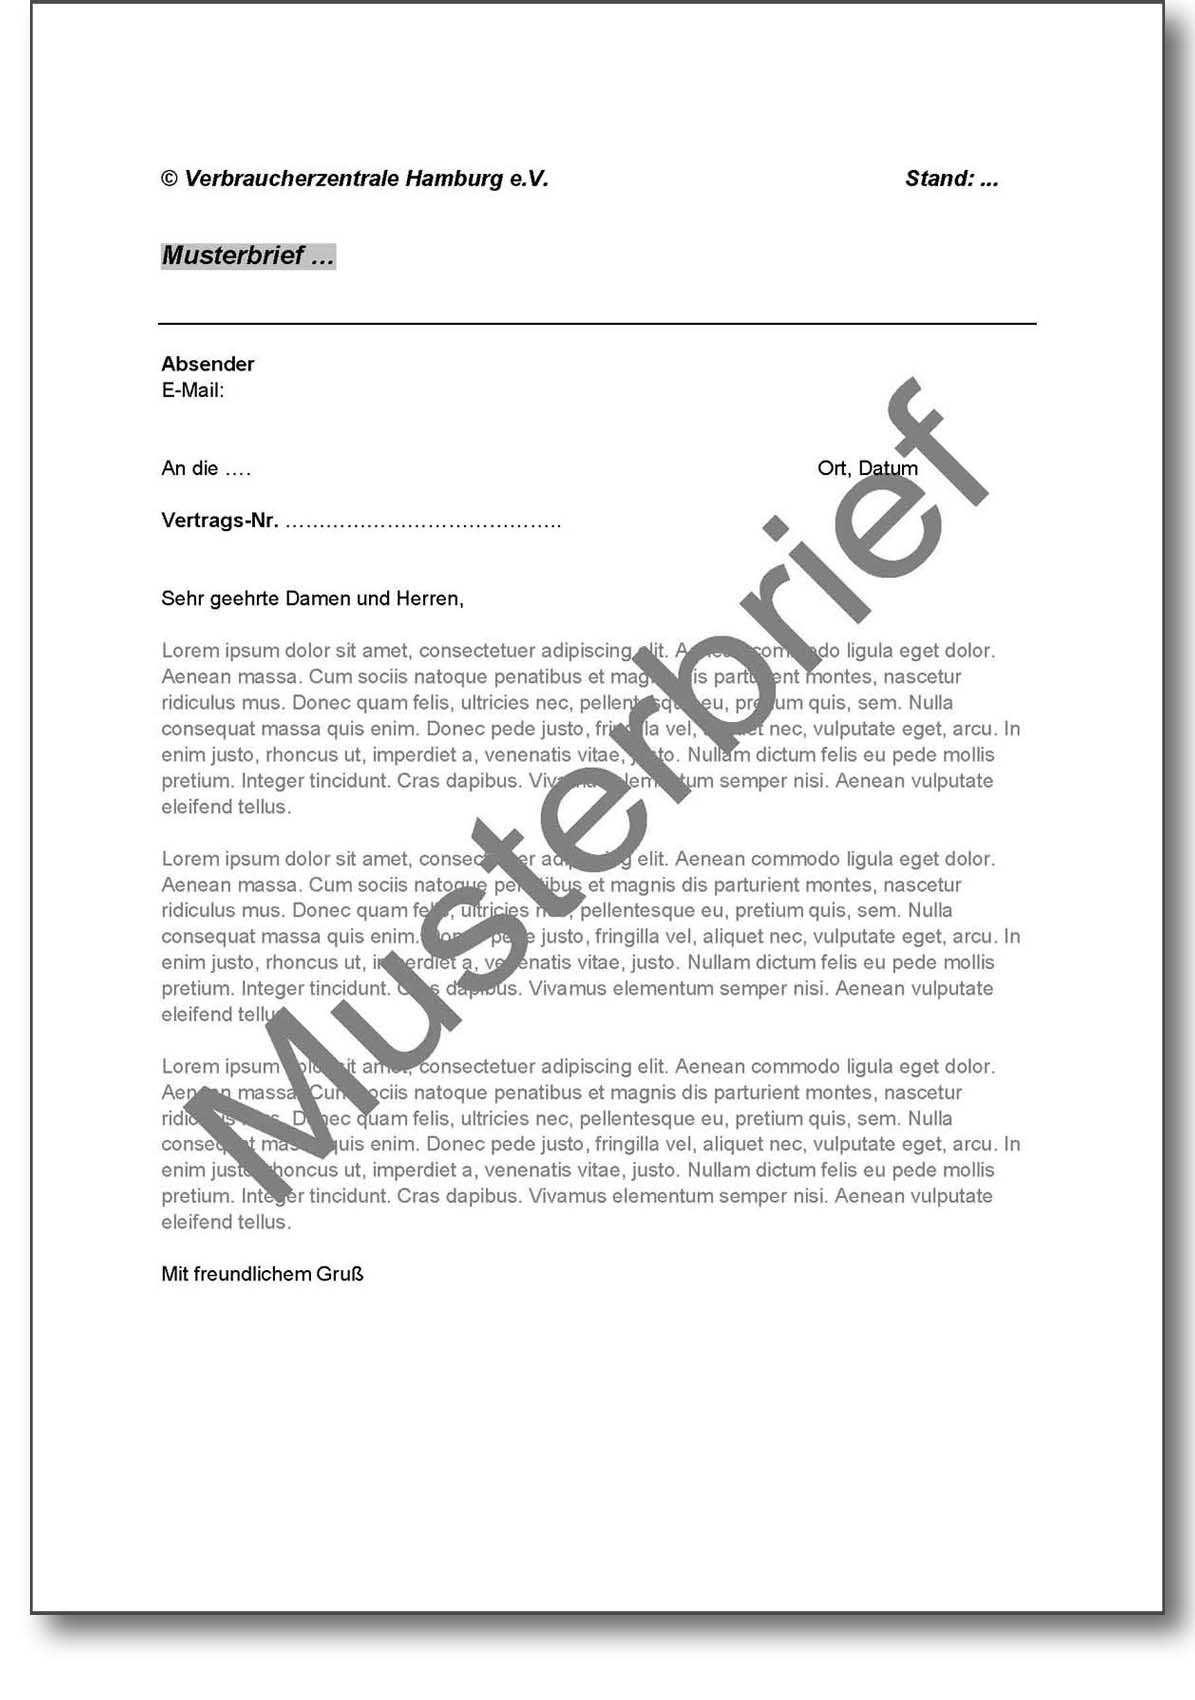 Musterbrief Verzicht Auf Einrede Der Verjahrung Bei Fahrzeugkauf Verbraucherzentrale